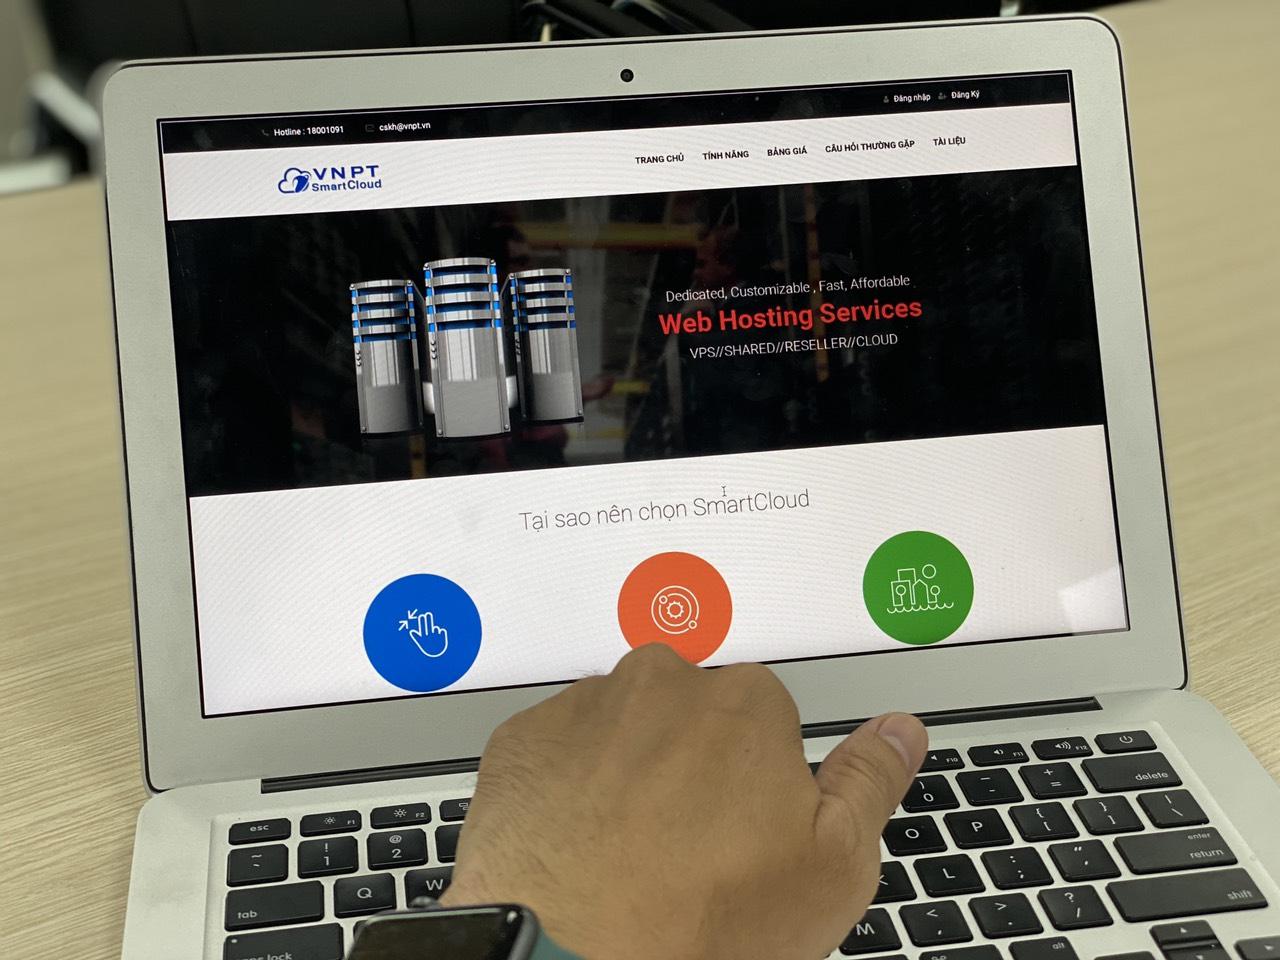 Phục hồi sau đại dịch: doanh nghiệp tiết kiệm chi phí với điện toán đám mây - Ảnh 2